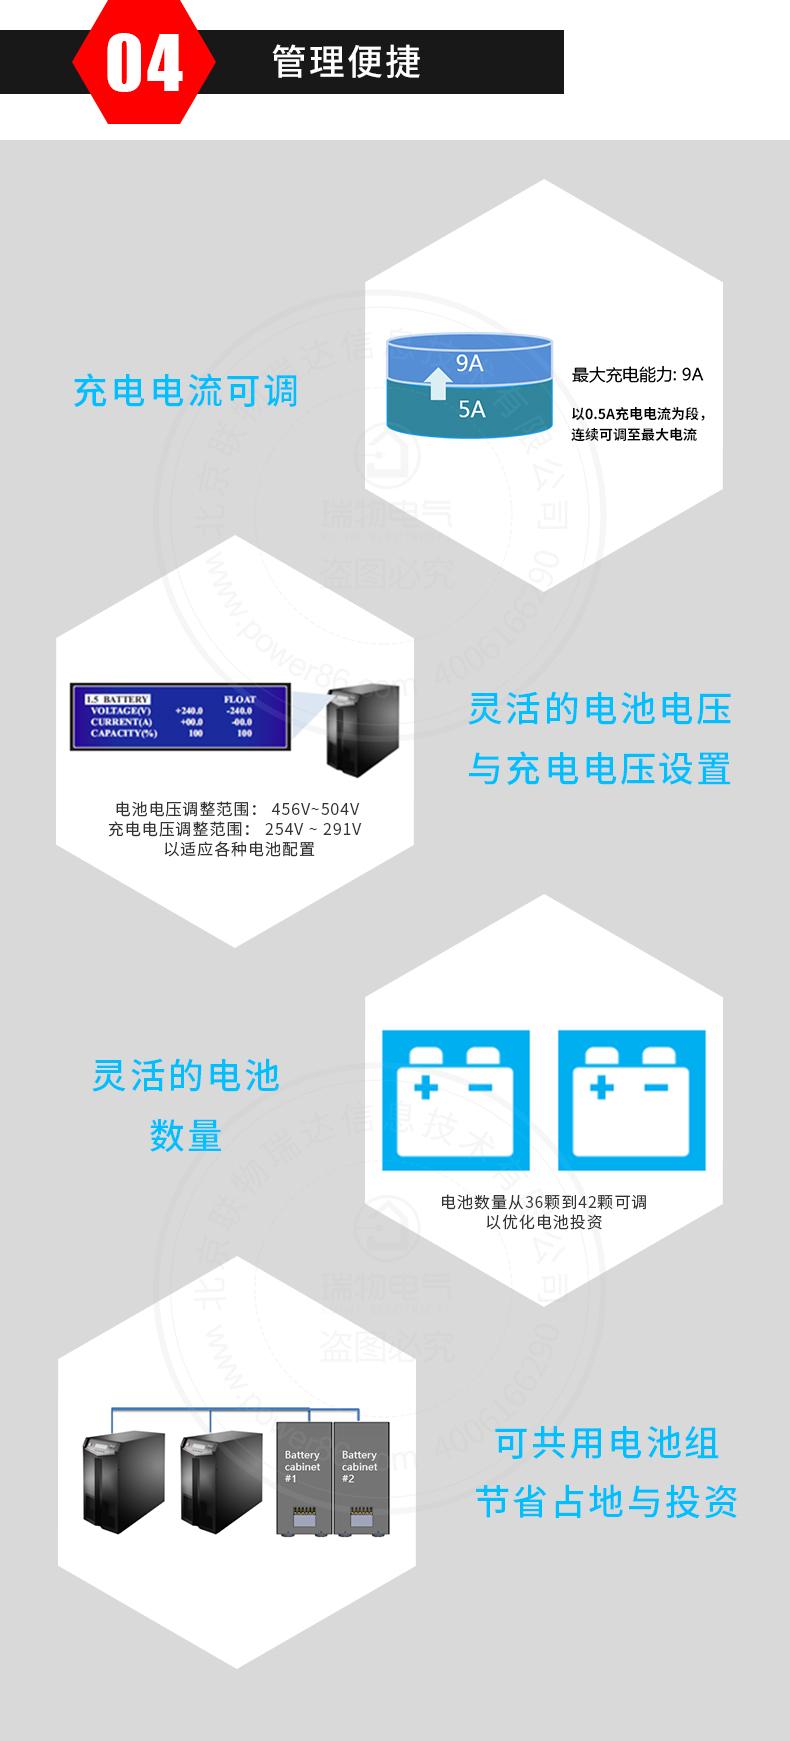 产品介绍http://www.power86.com/rs1/ups/285/434/1566/1566_c10.jpg